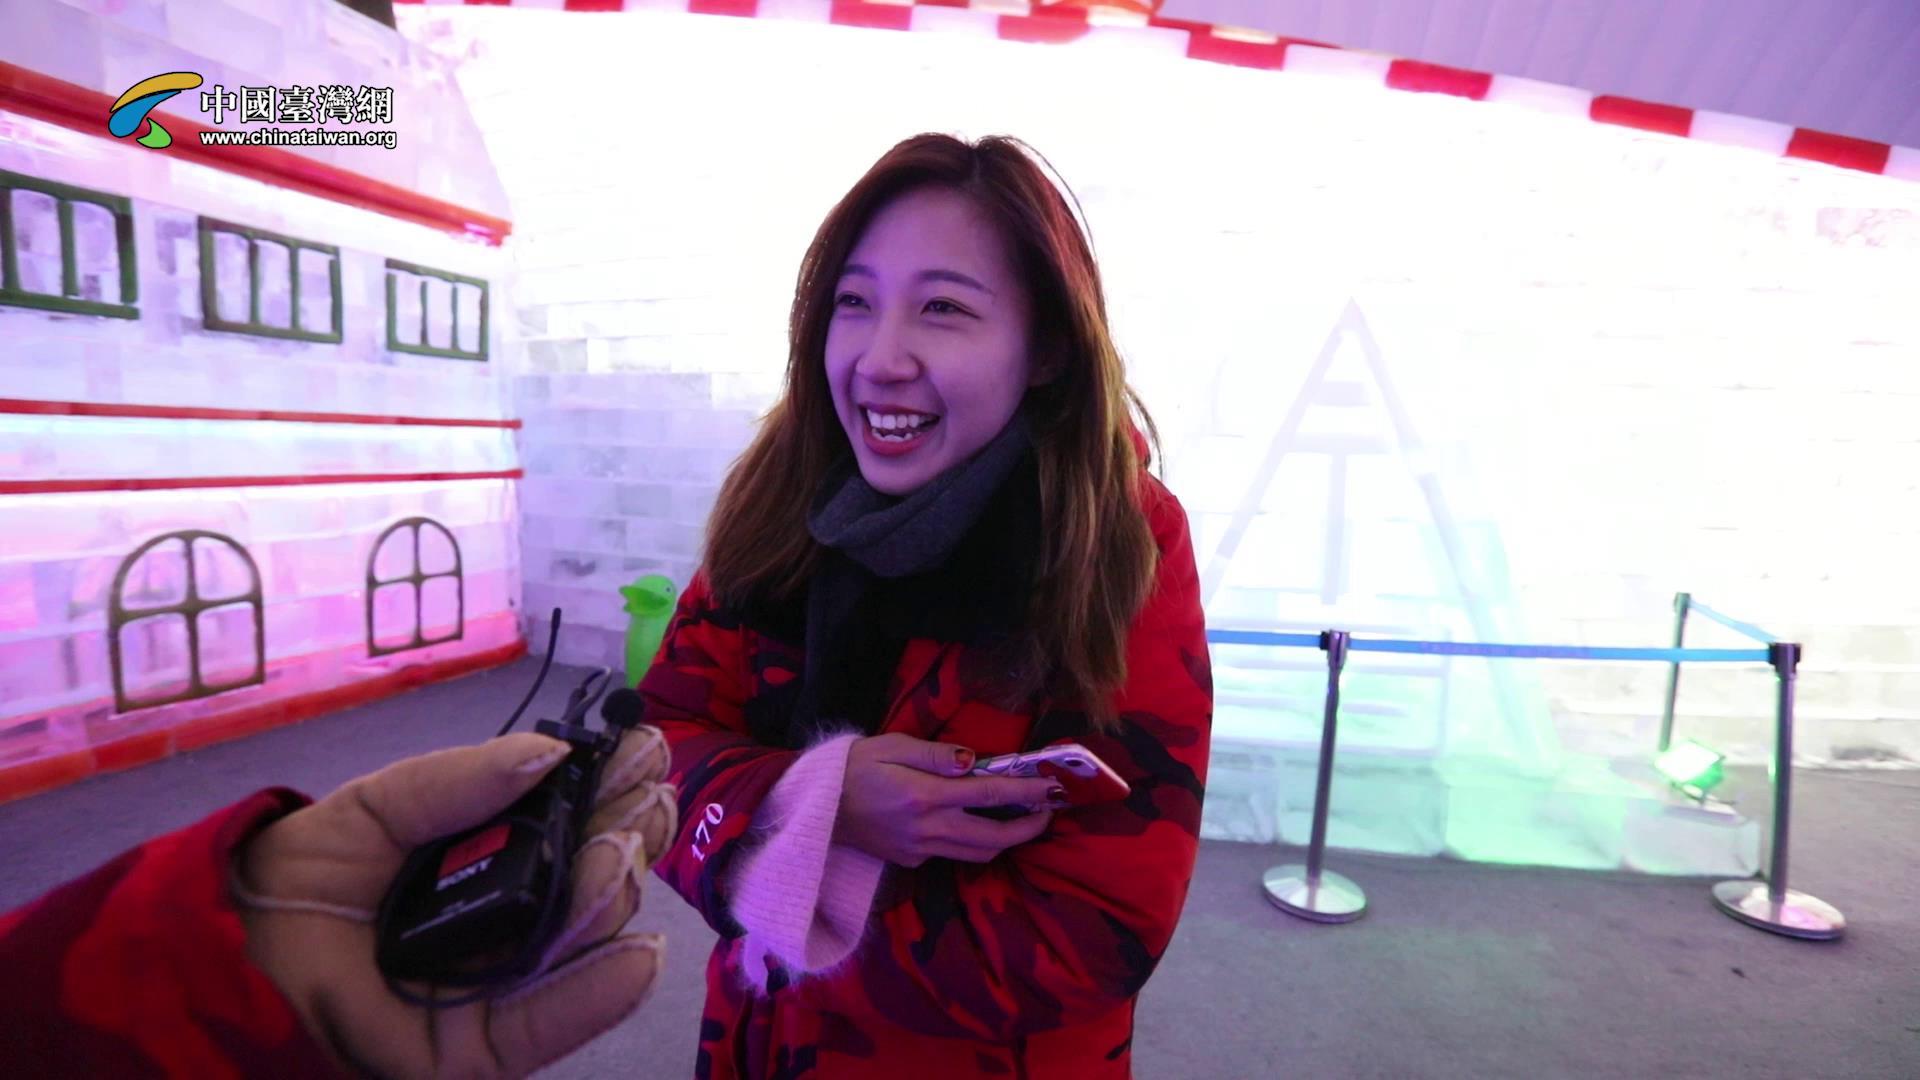 【黑龙江篇】台湾小姐姐嗨翻哈尔滨冰雪大世界图片